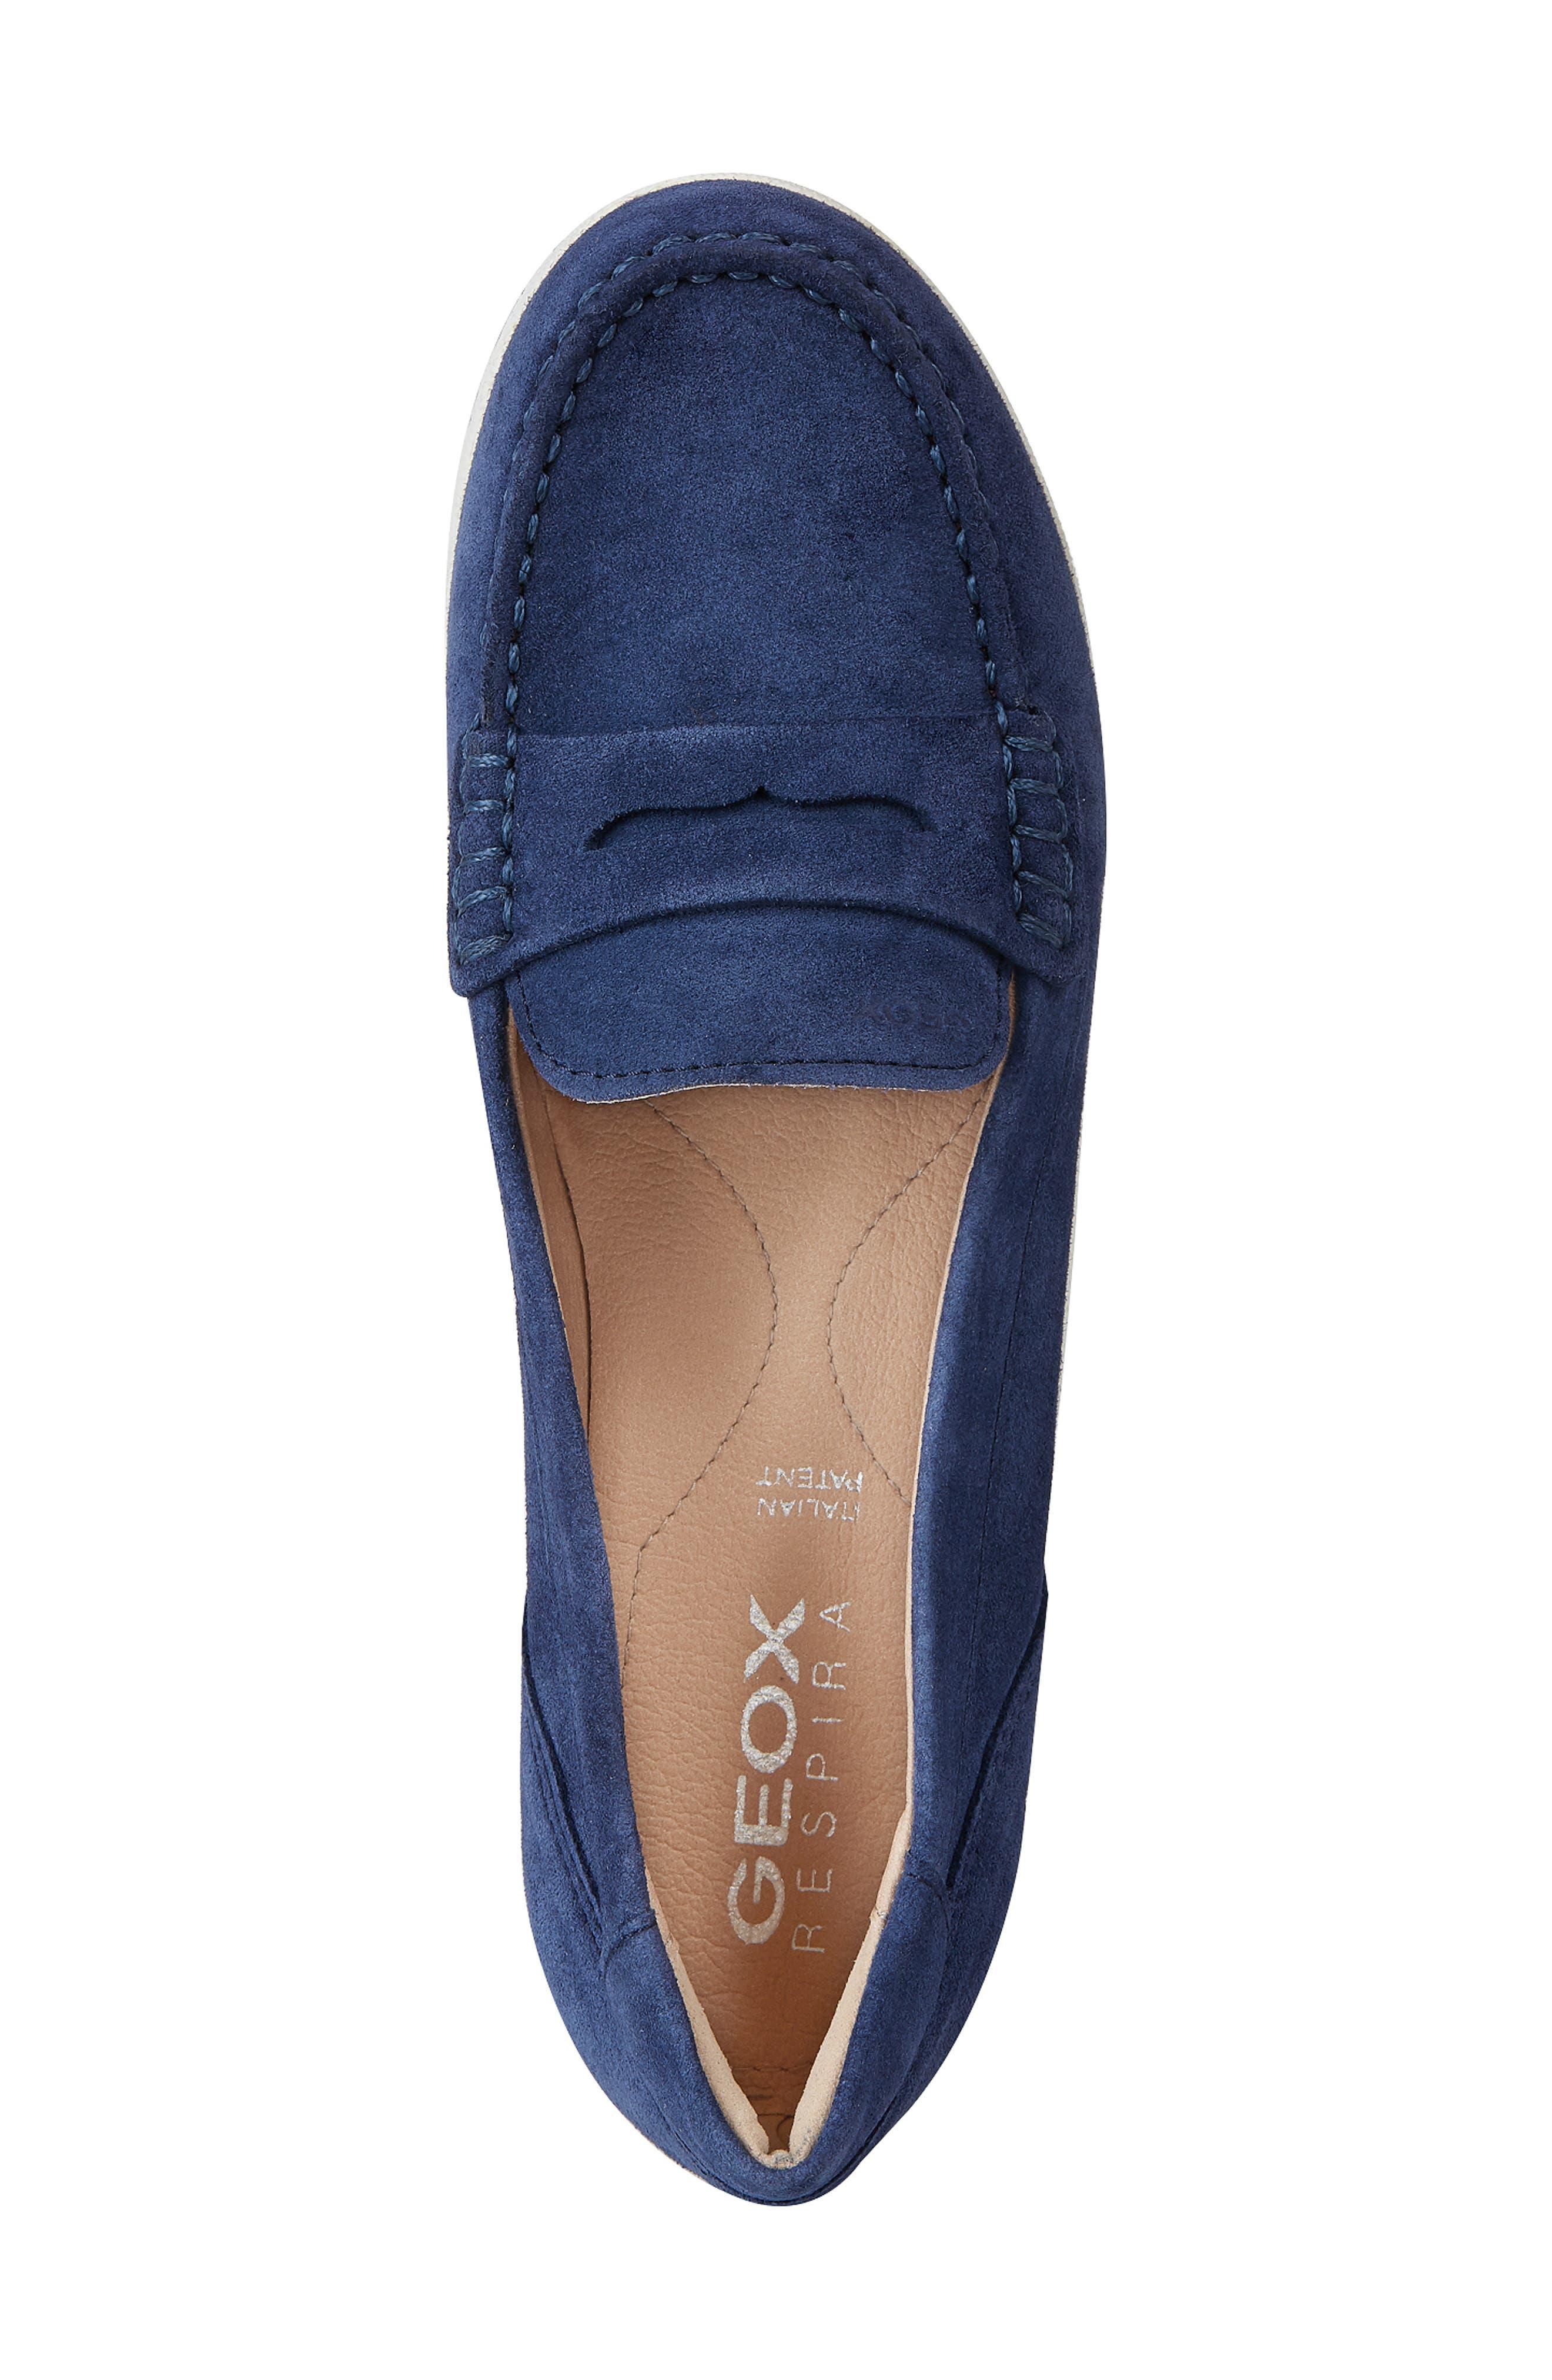 GEOX, Vega Moc Loafer, Alternate thumbnail 5, color, BLUE SUEDE